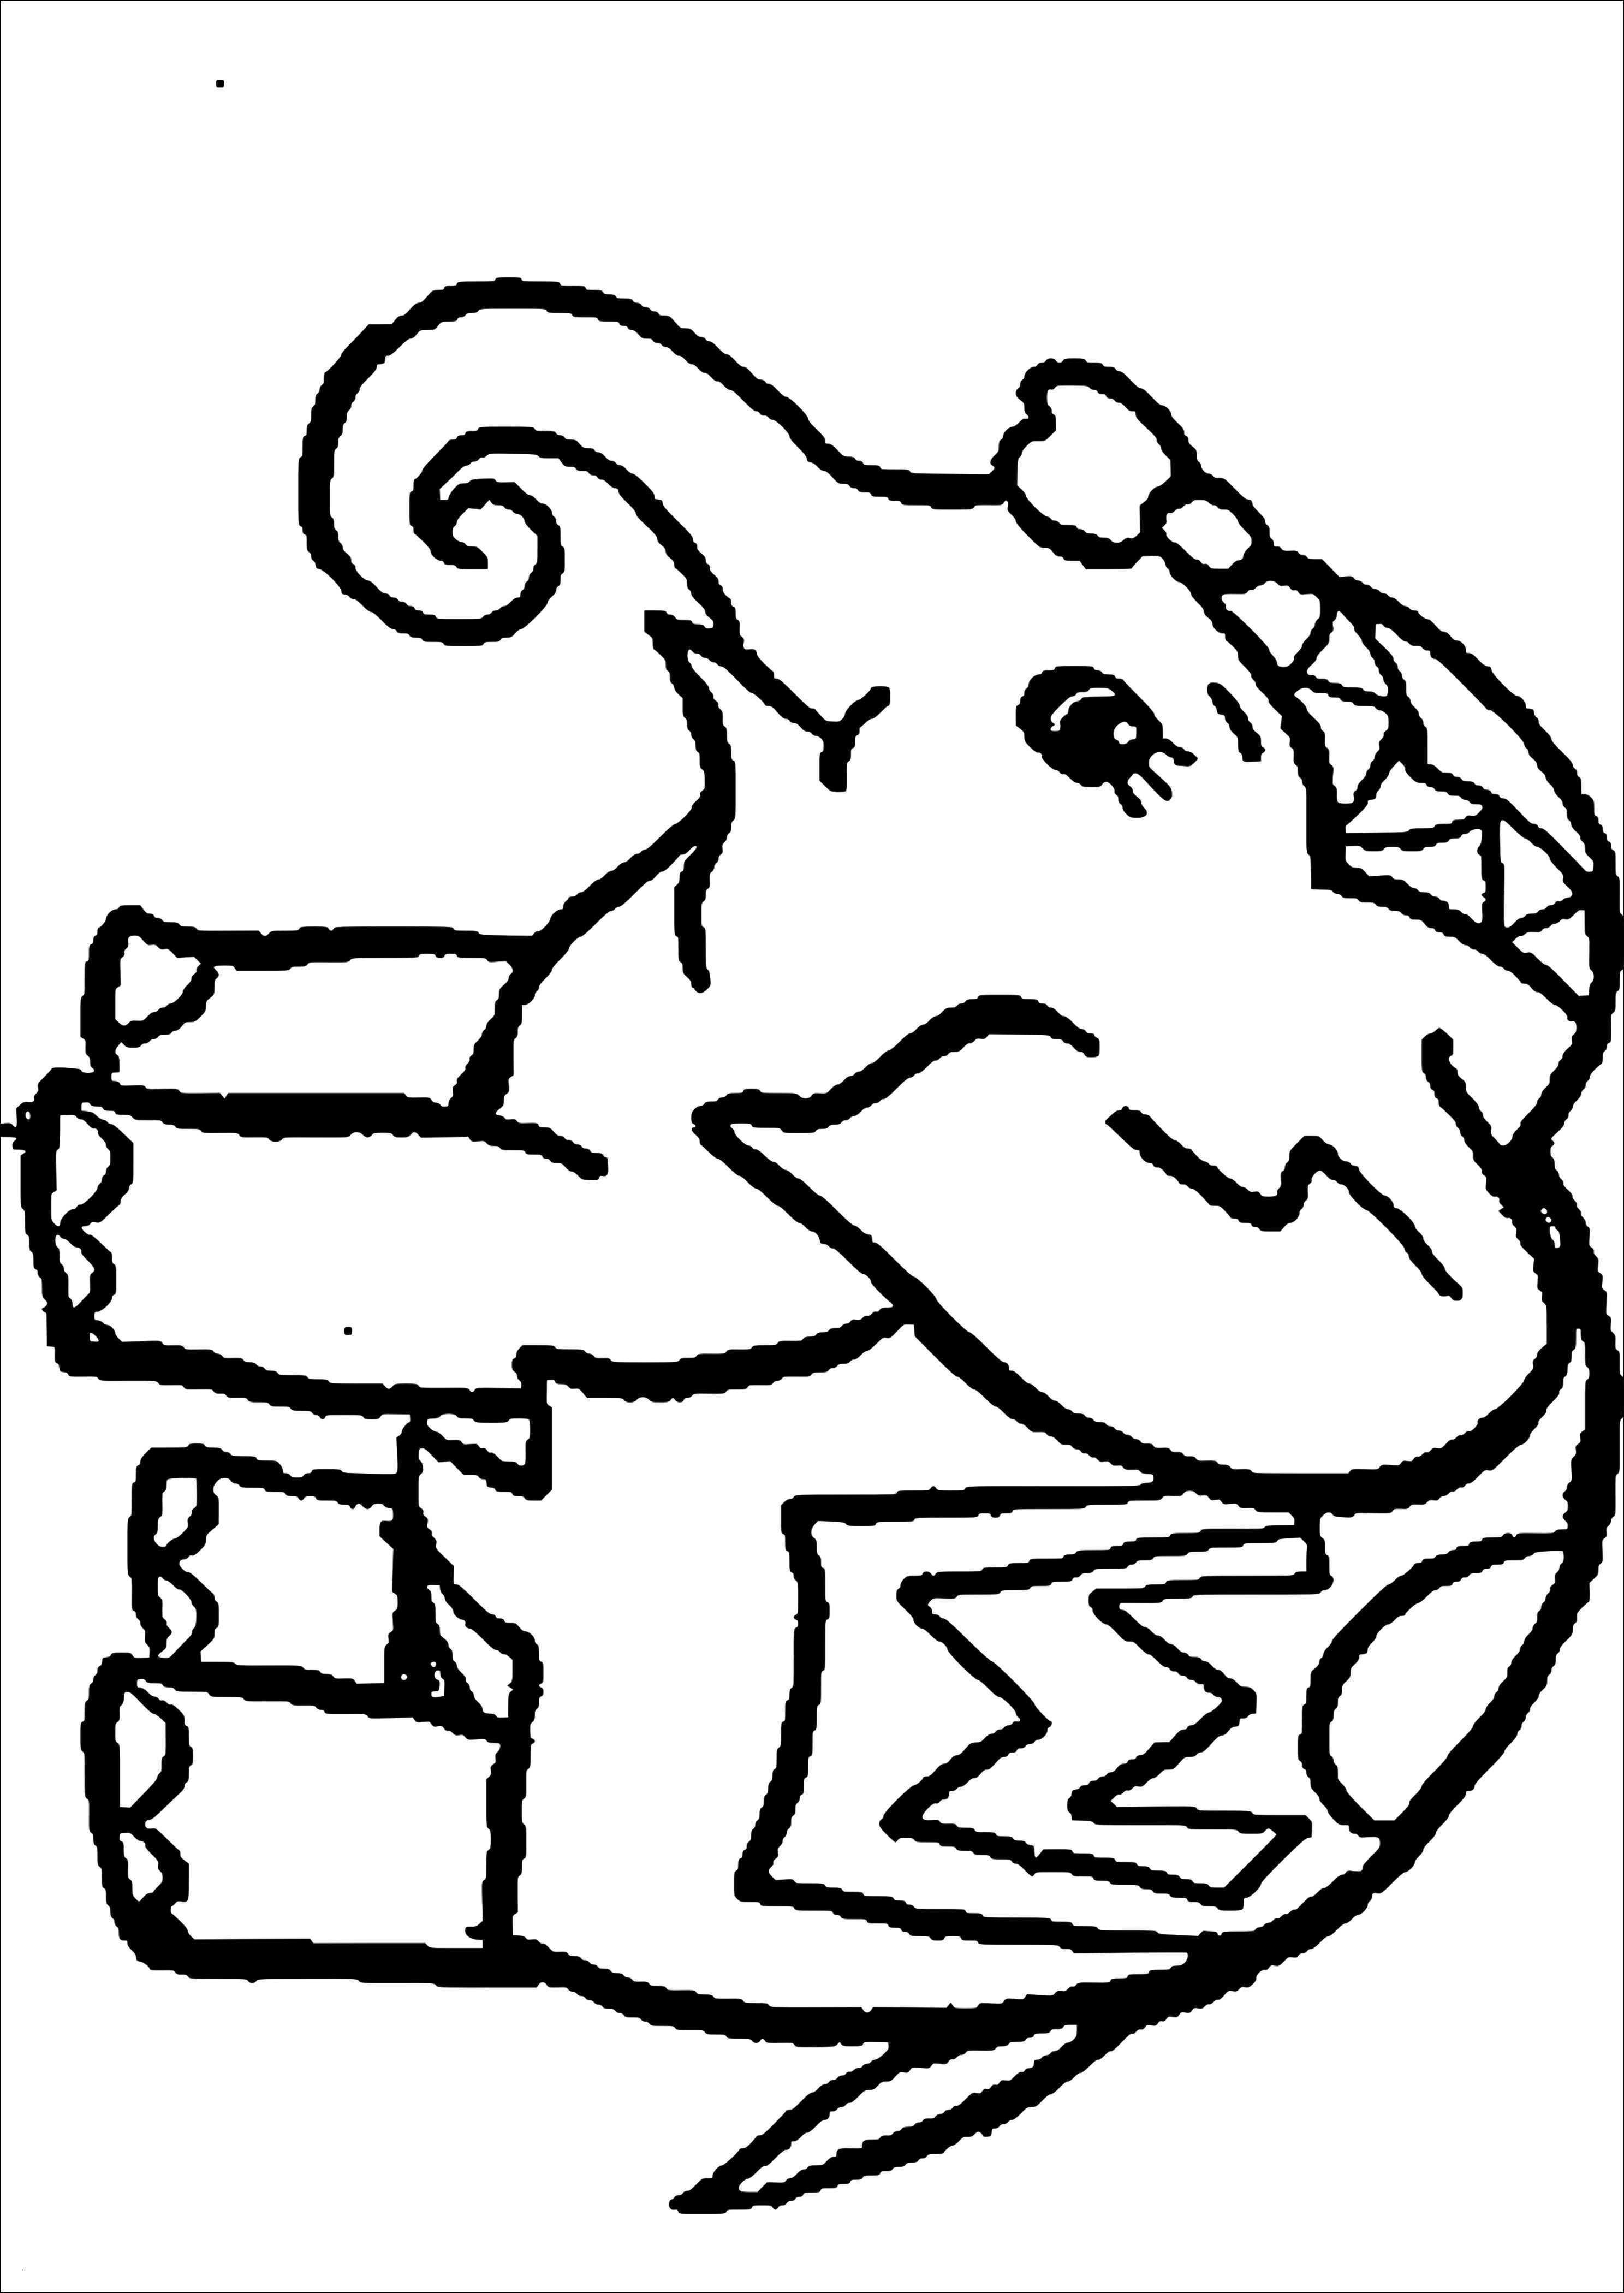 Maus Und Elefant Ausmalbilder Genial Ausmalbilder Elefant Und Maus Ideen 30 Elefanten Ausmalbilder Fotos